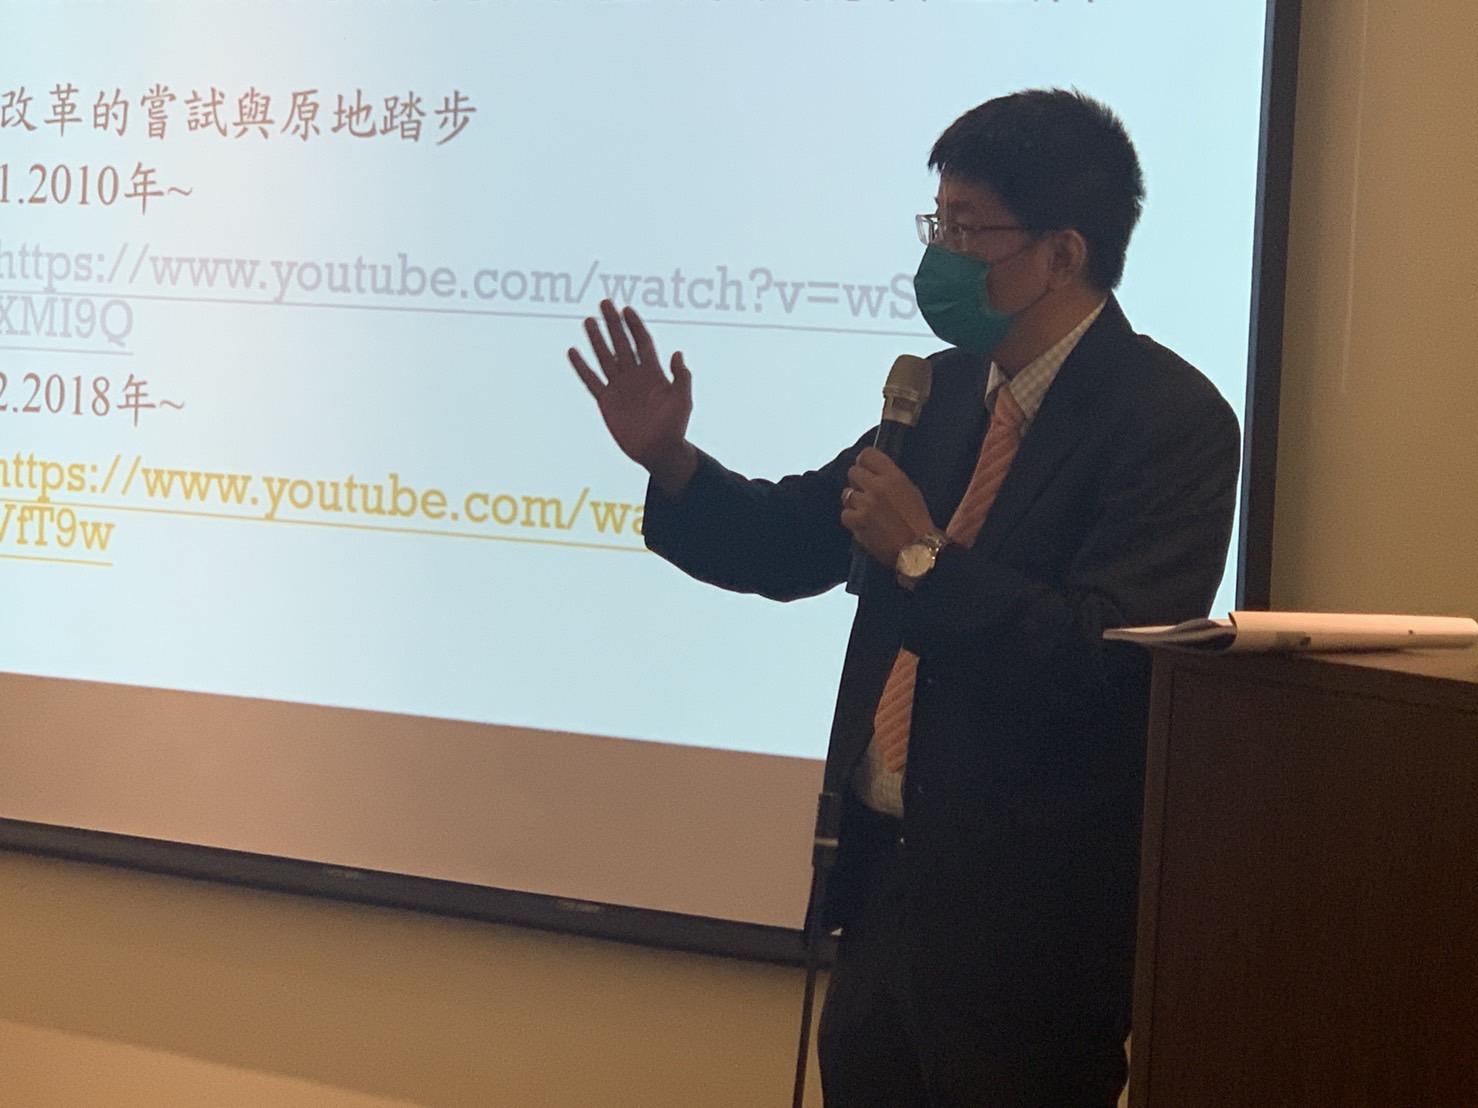 黨政軍合憲性研討會/ 吳志光:國家應對電波頻率給予公平合理分配